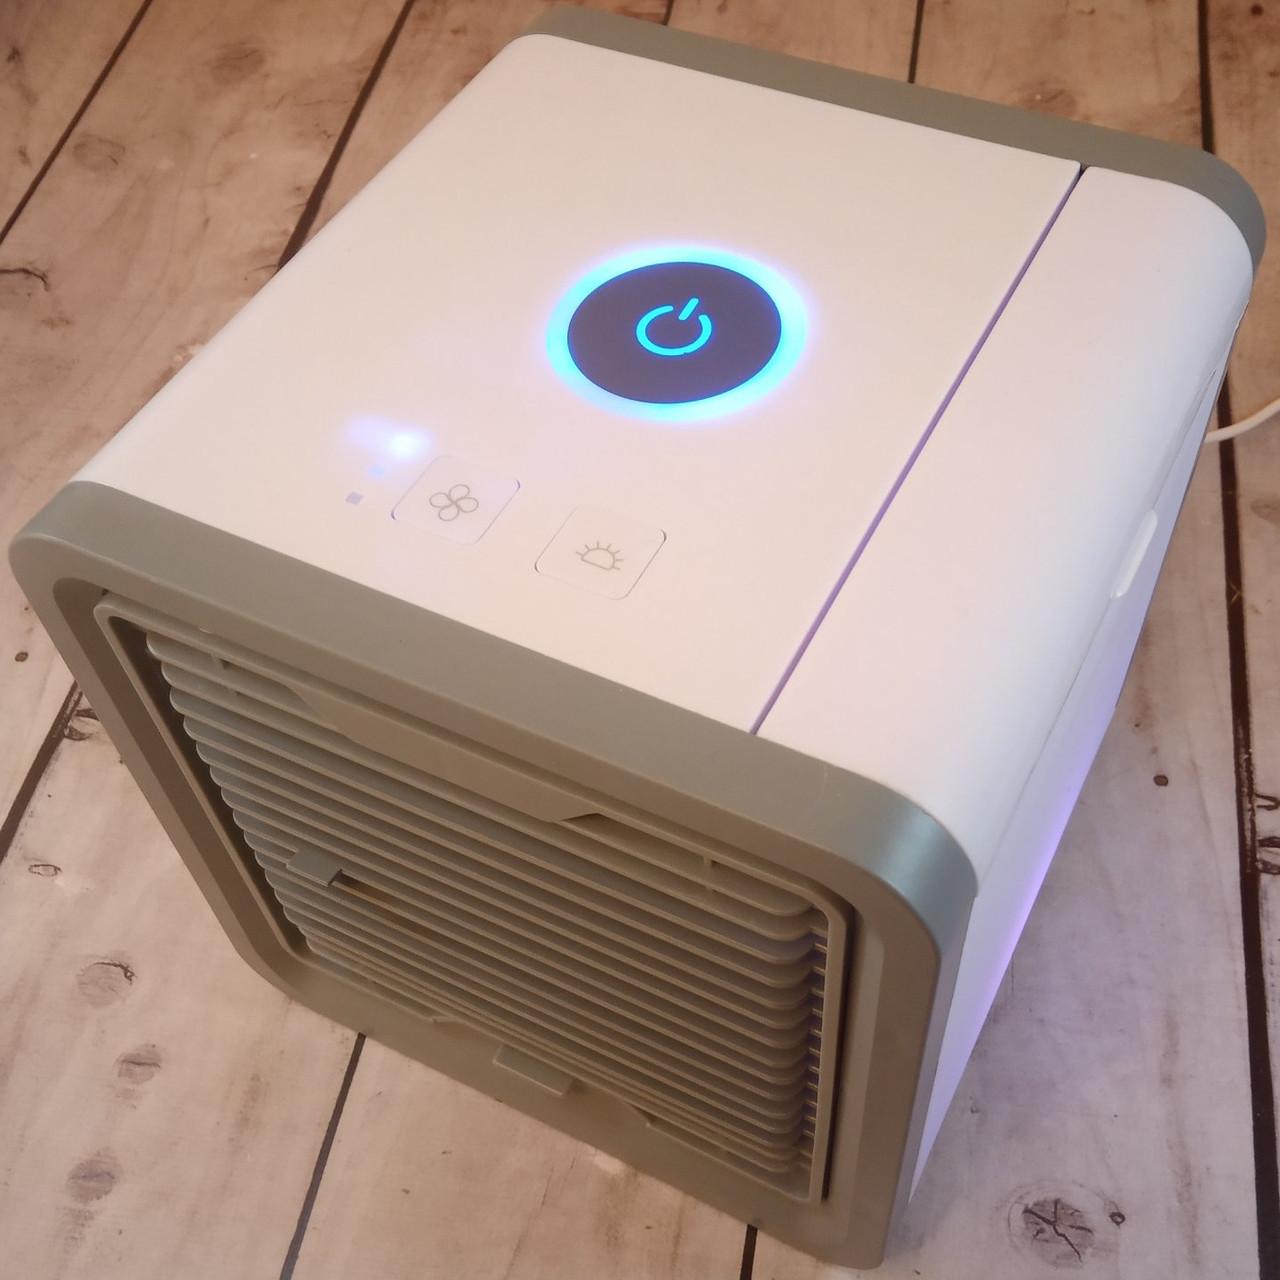 [ОРИГИНАЛ] Портативный кондиционер Artic Air USB влажный охладитель (подсветка)